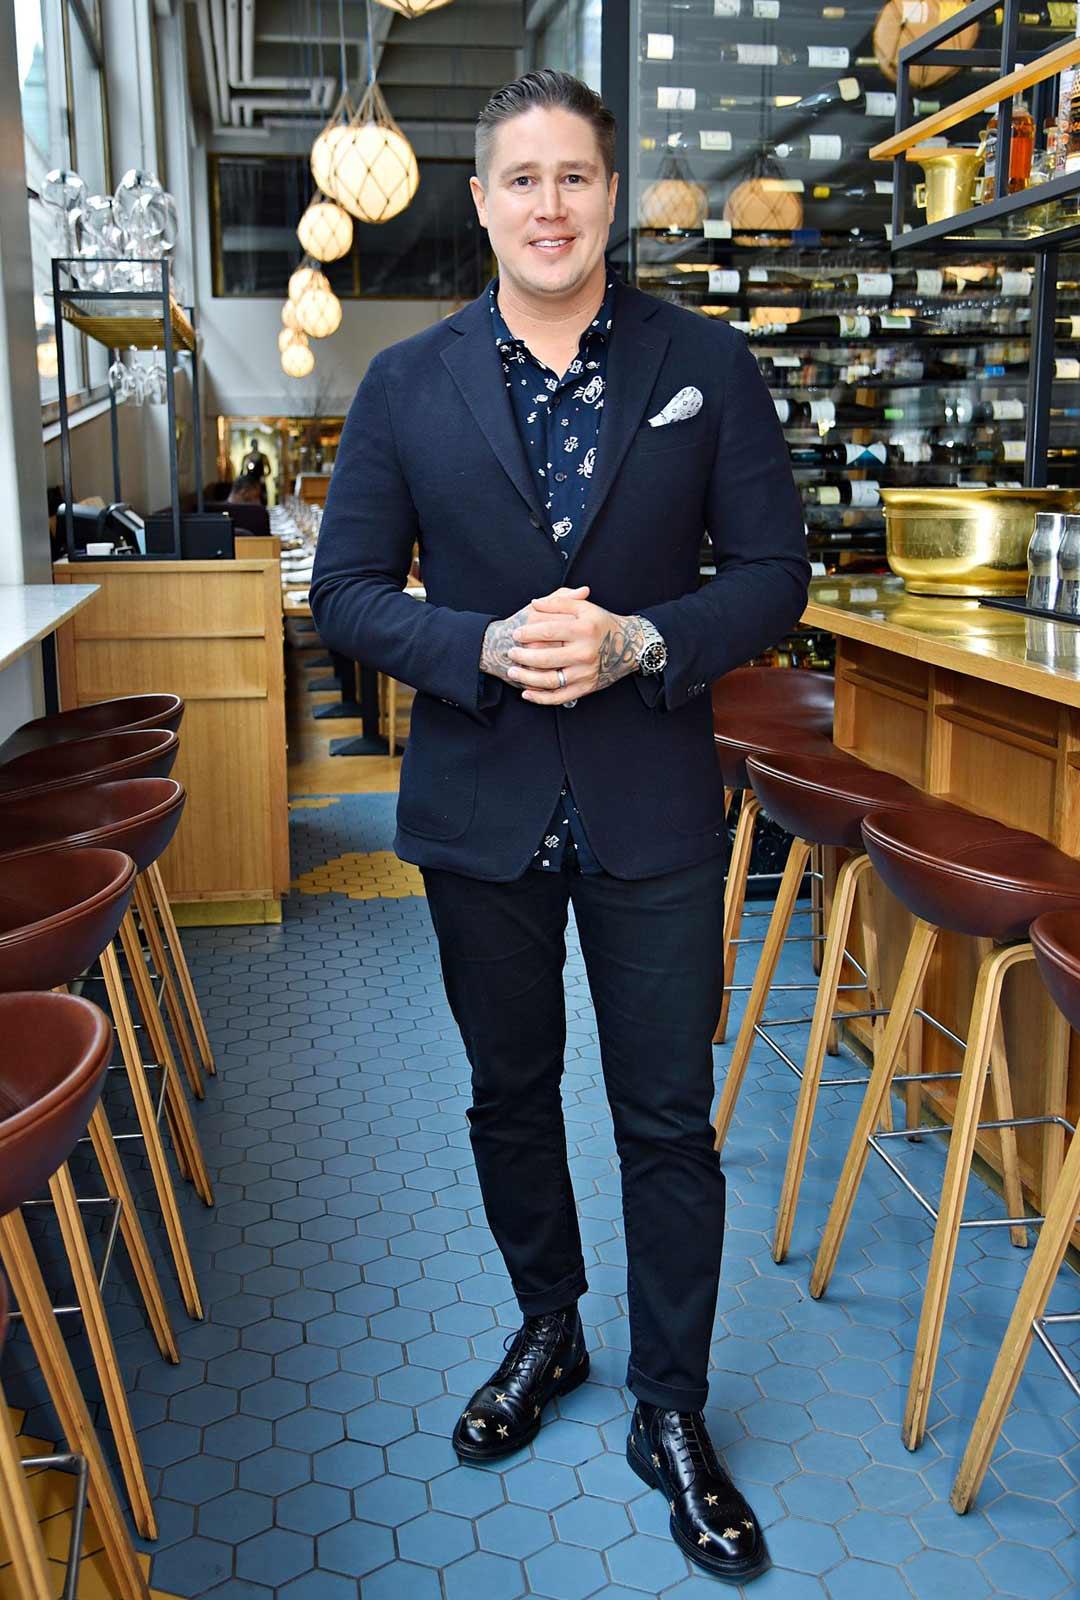 Ravintoloitsija ja huippukokki Tomi Björck.